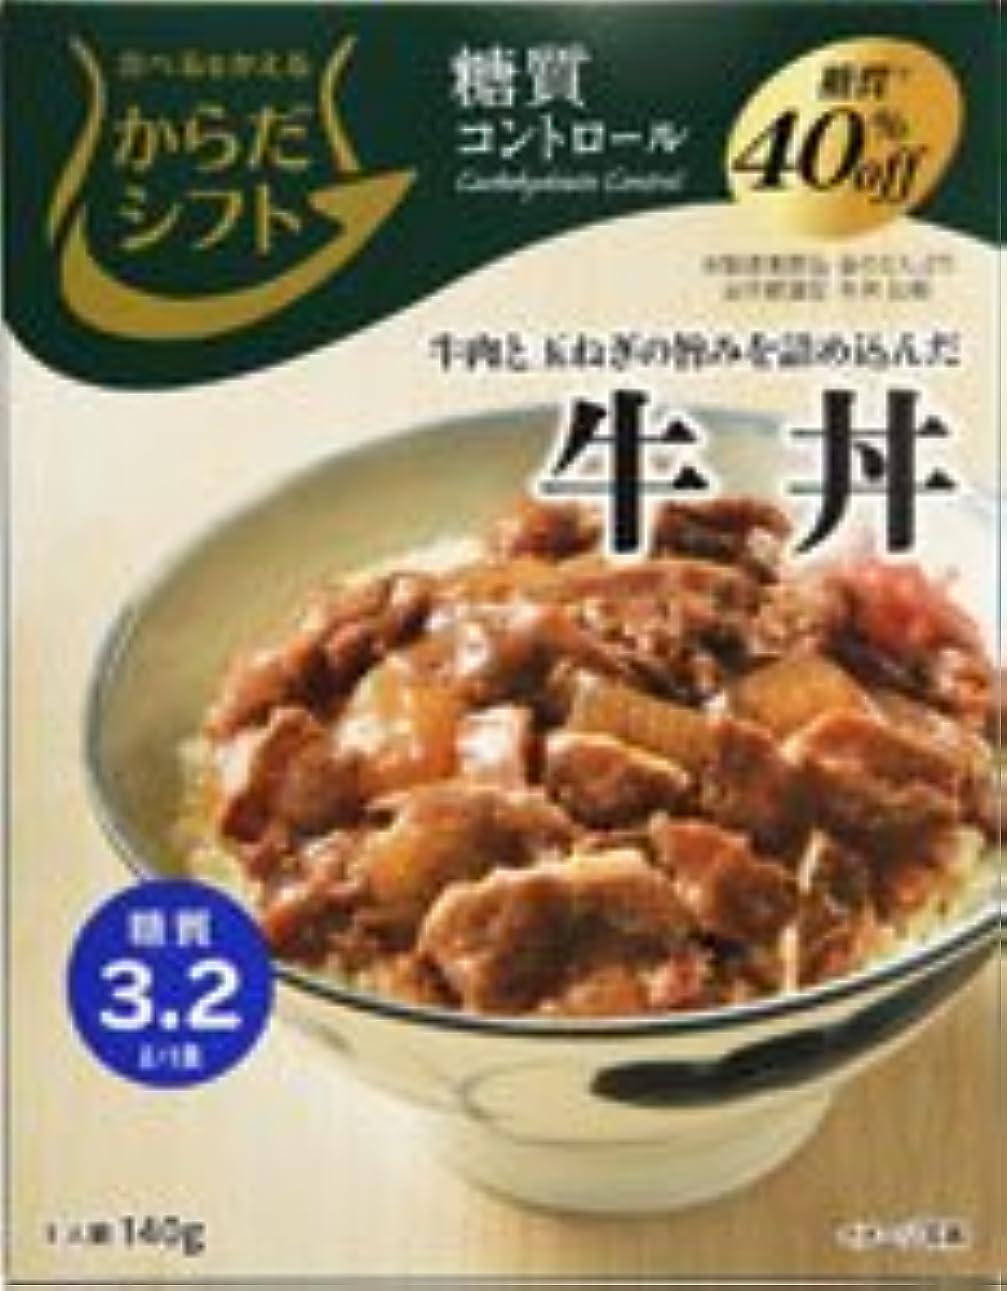 テレビ局チャップ風からだシフト 糖質コントロール 牛丼140g 【5個セット】